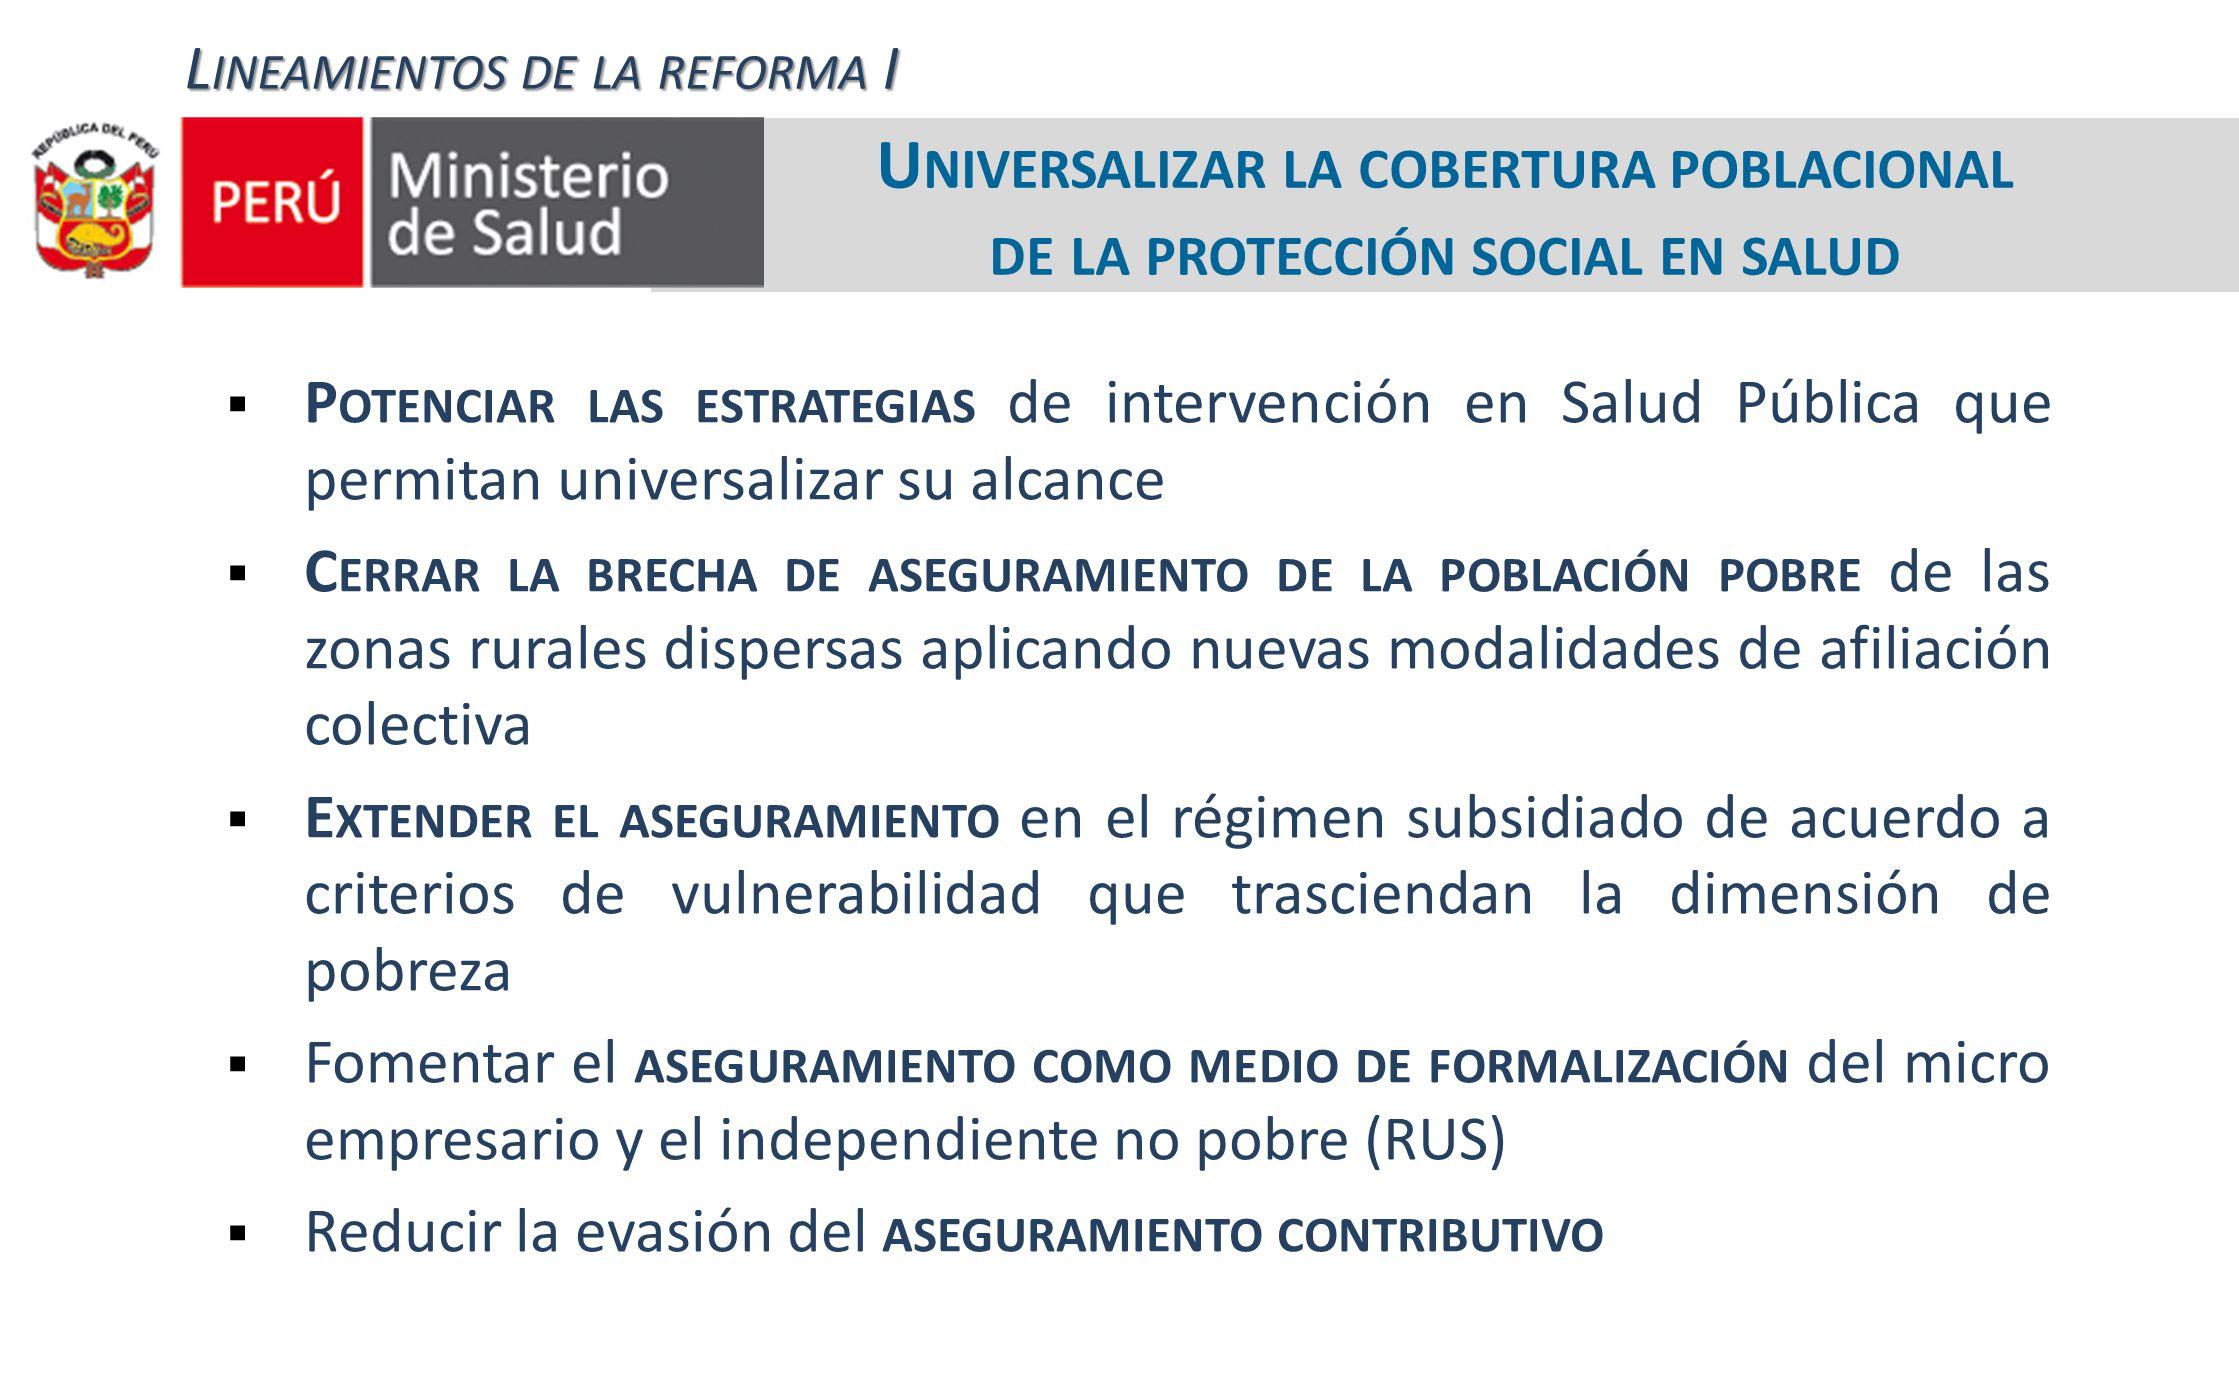 U NIVERSALIZAR LA COBERTURA POBLACIONAL DE LA PROTECCIÓN SOCIAL EN SALUD P OTENCIAR LAS ESTRATEGIAS de intervención en Salud Pública que permitan univ